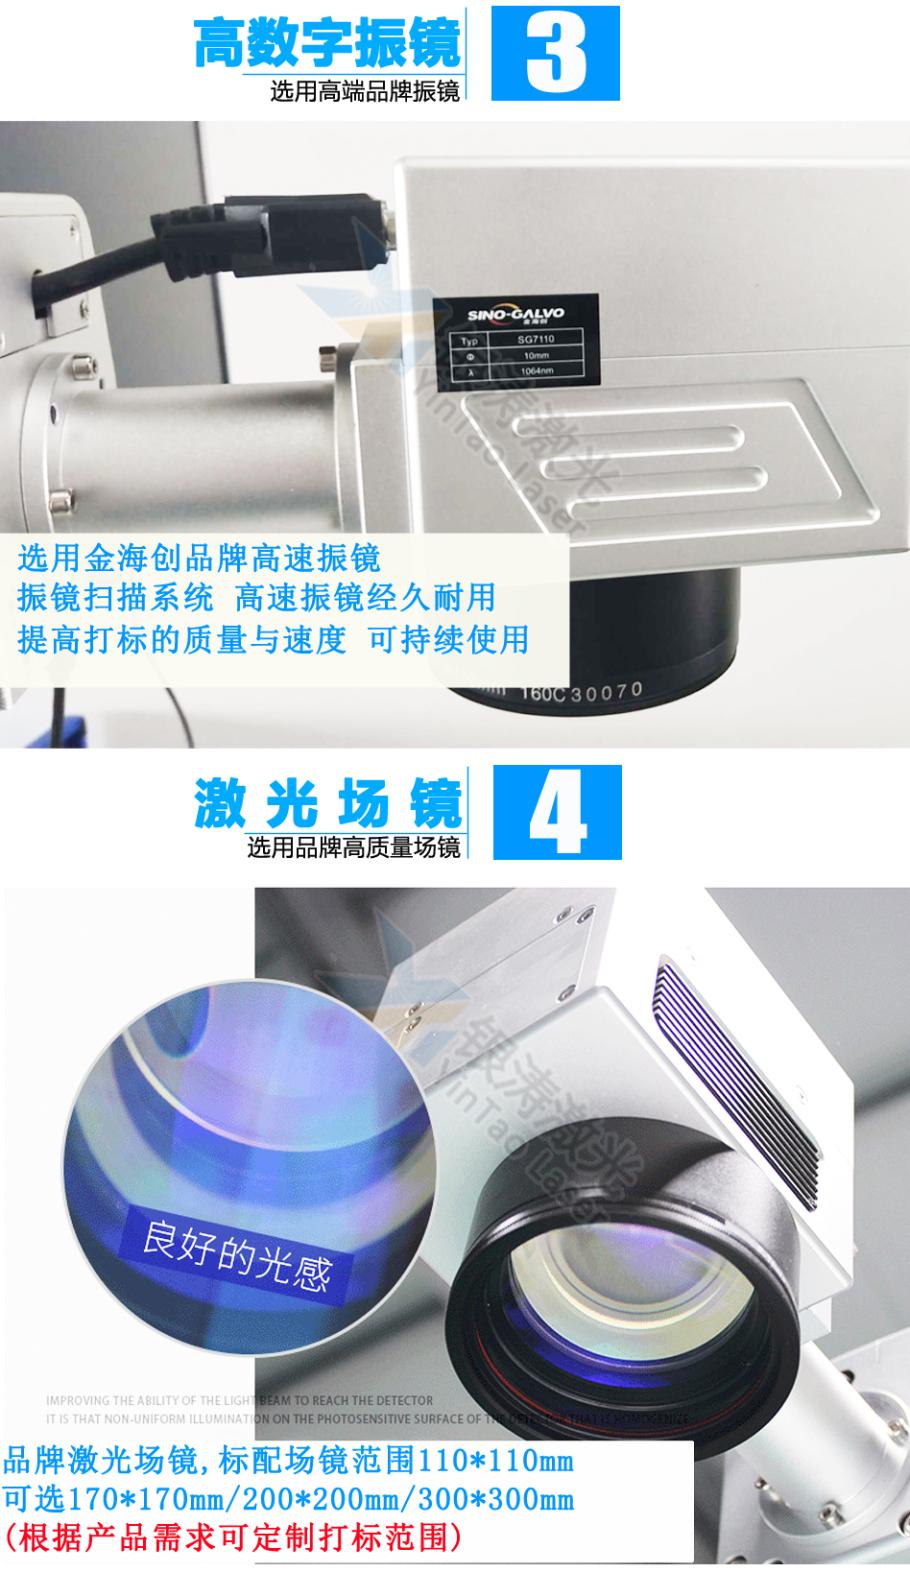 光纤激光打标机详情(新版)_05.jpg